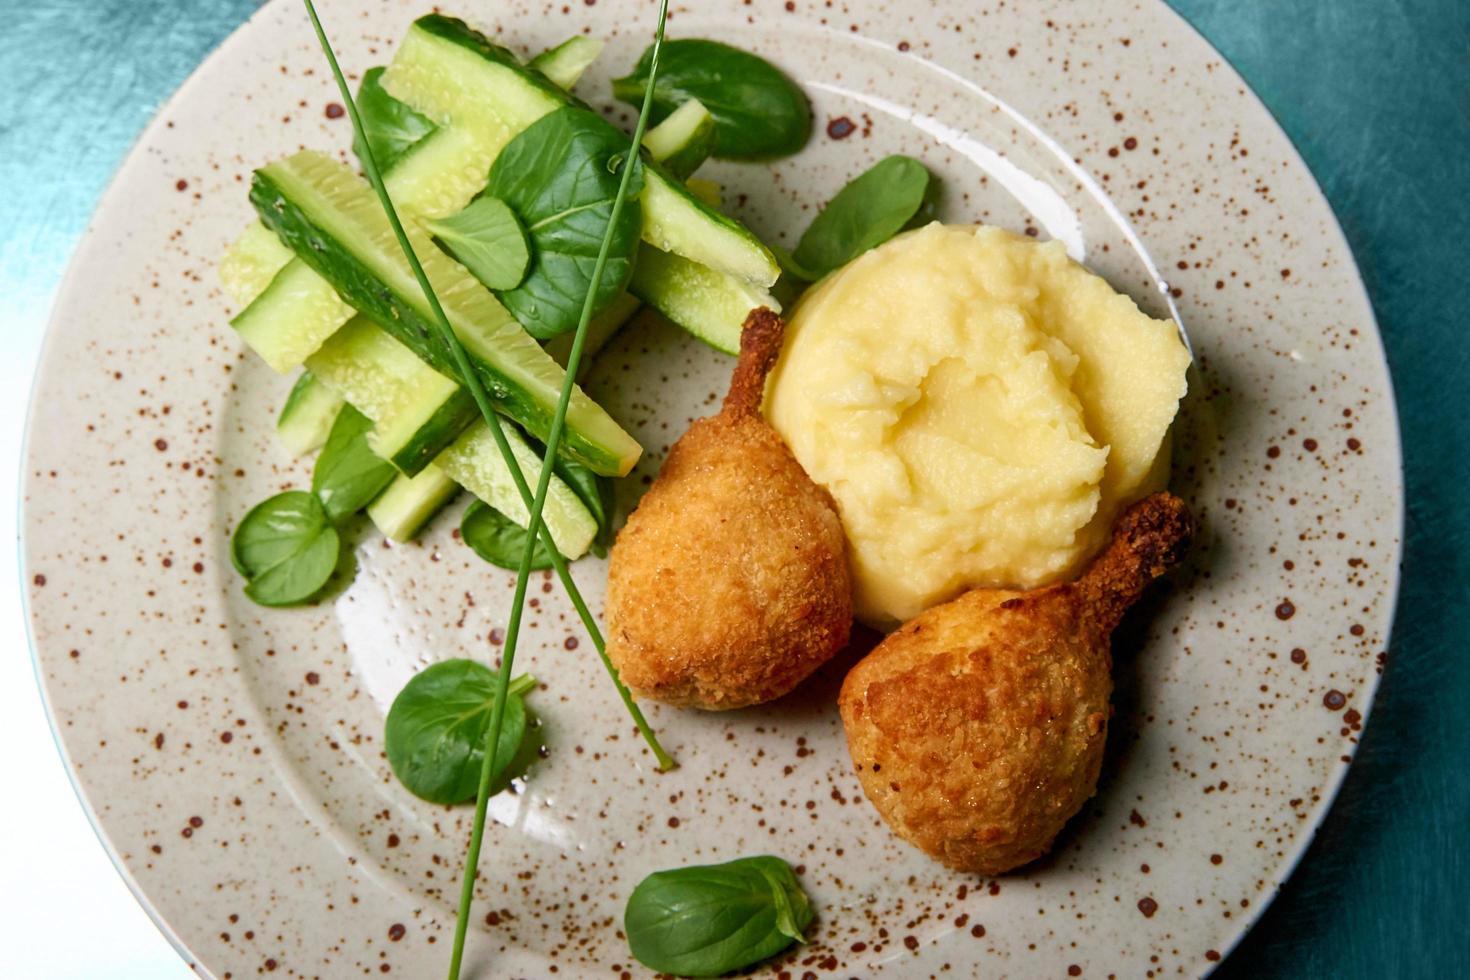 purée de pommes de terre au poulet croustillant photo